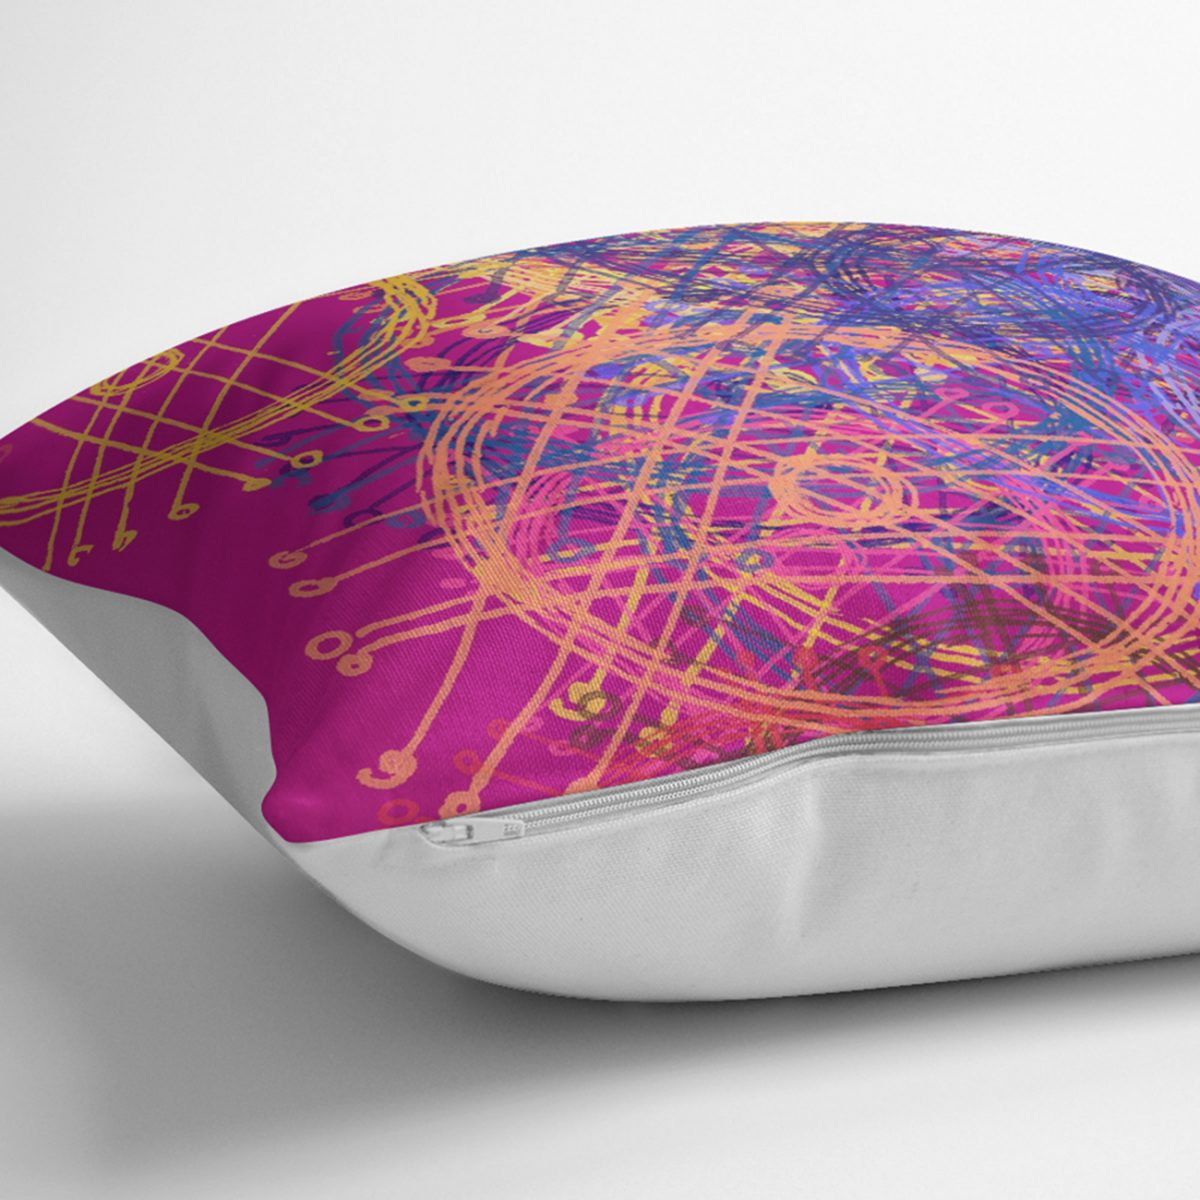 Mor Zeminde Geometrik Çizgi Tasarımlı Dekoratif Kırlent Kılıfı Realhomes